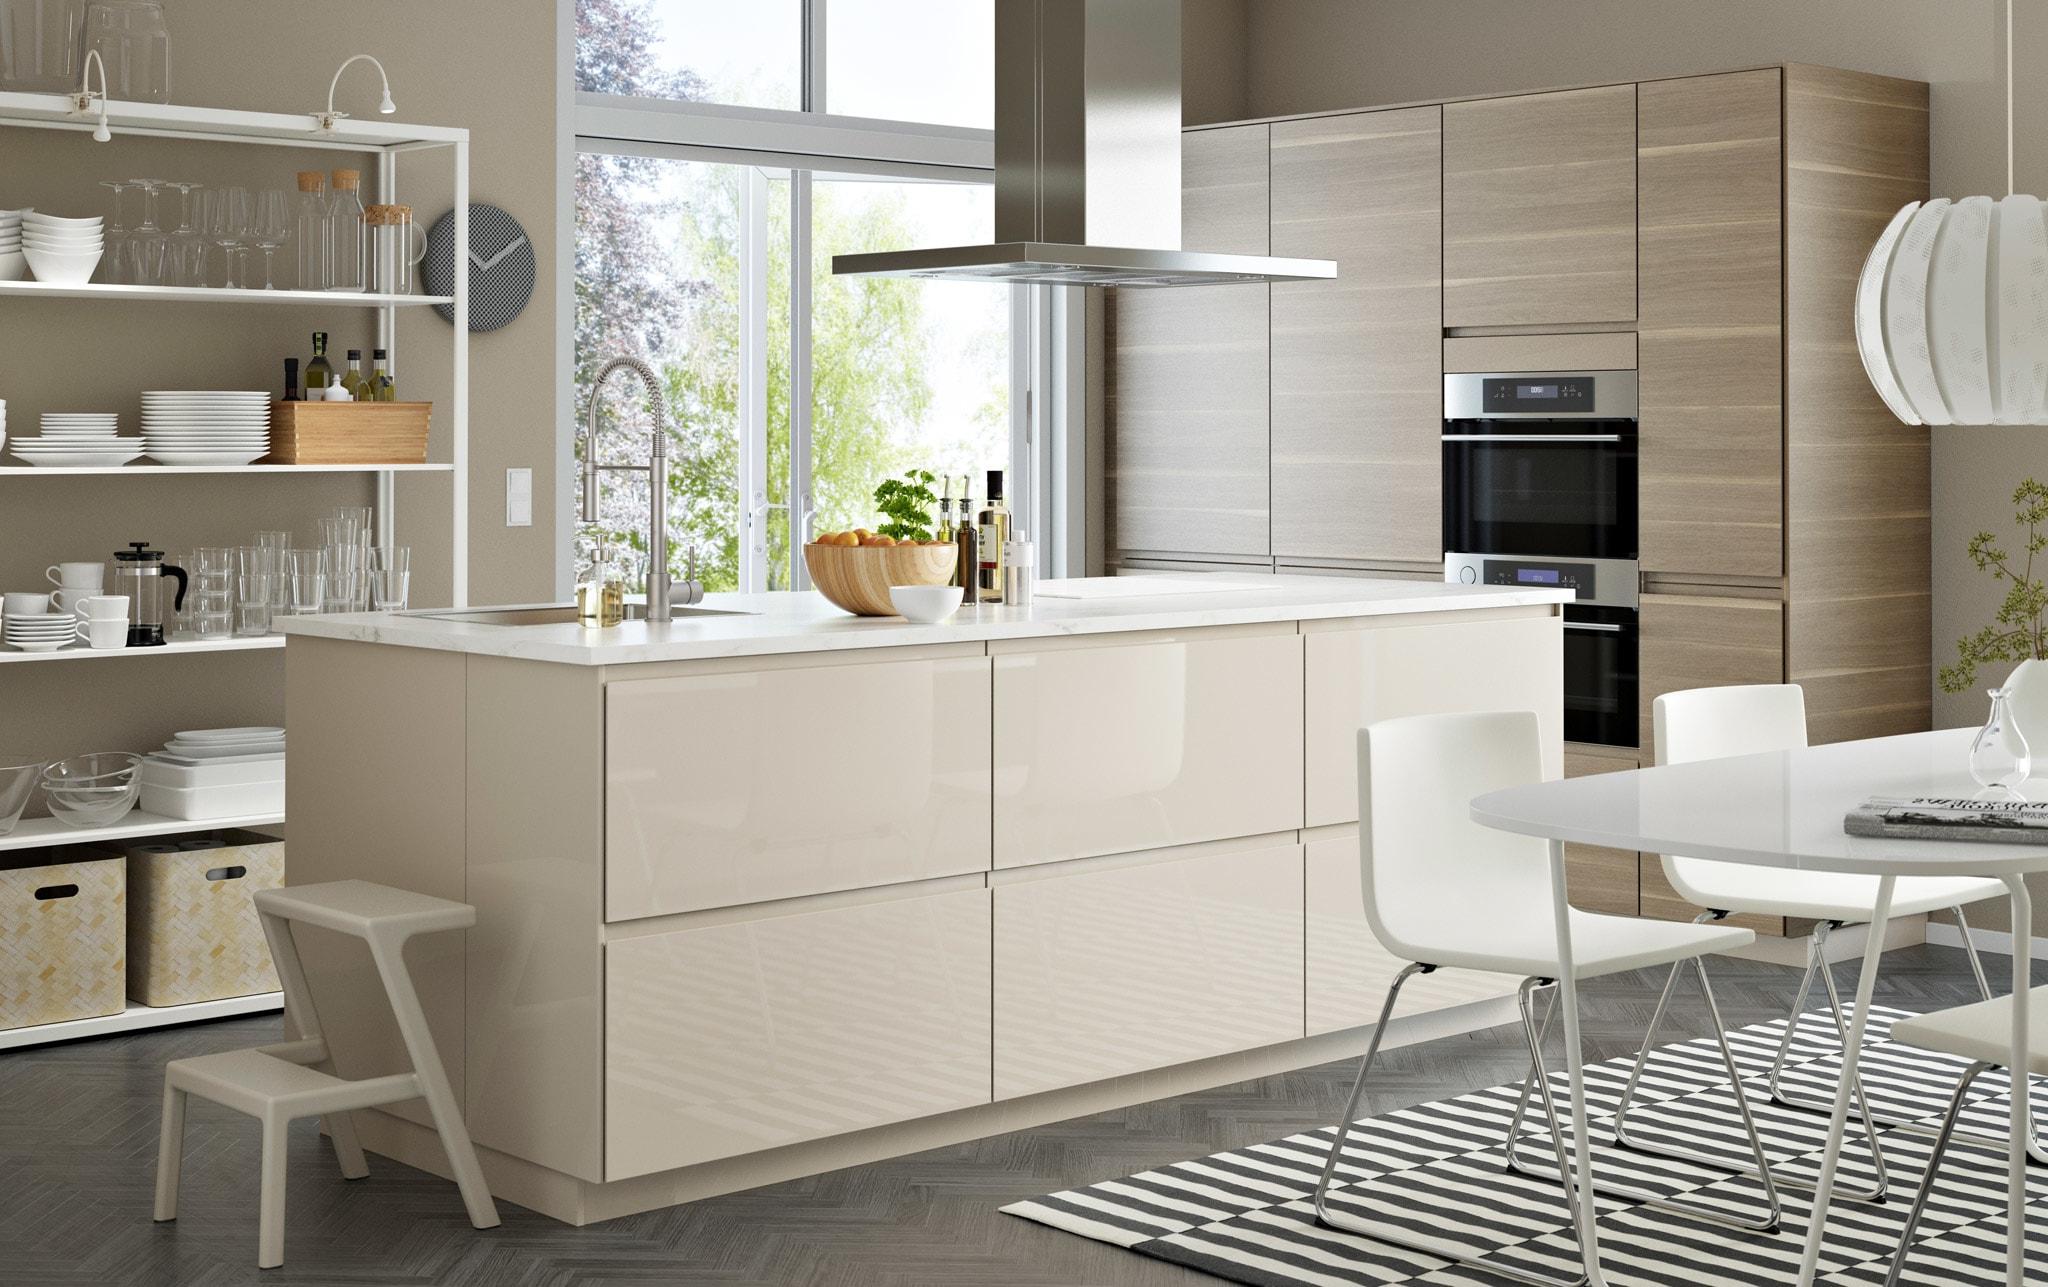 Banco Cocina Ikea Ffdn Muebles De Cocina Y Electrodomà Sticos Pra Online Ikea